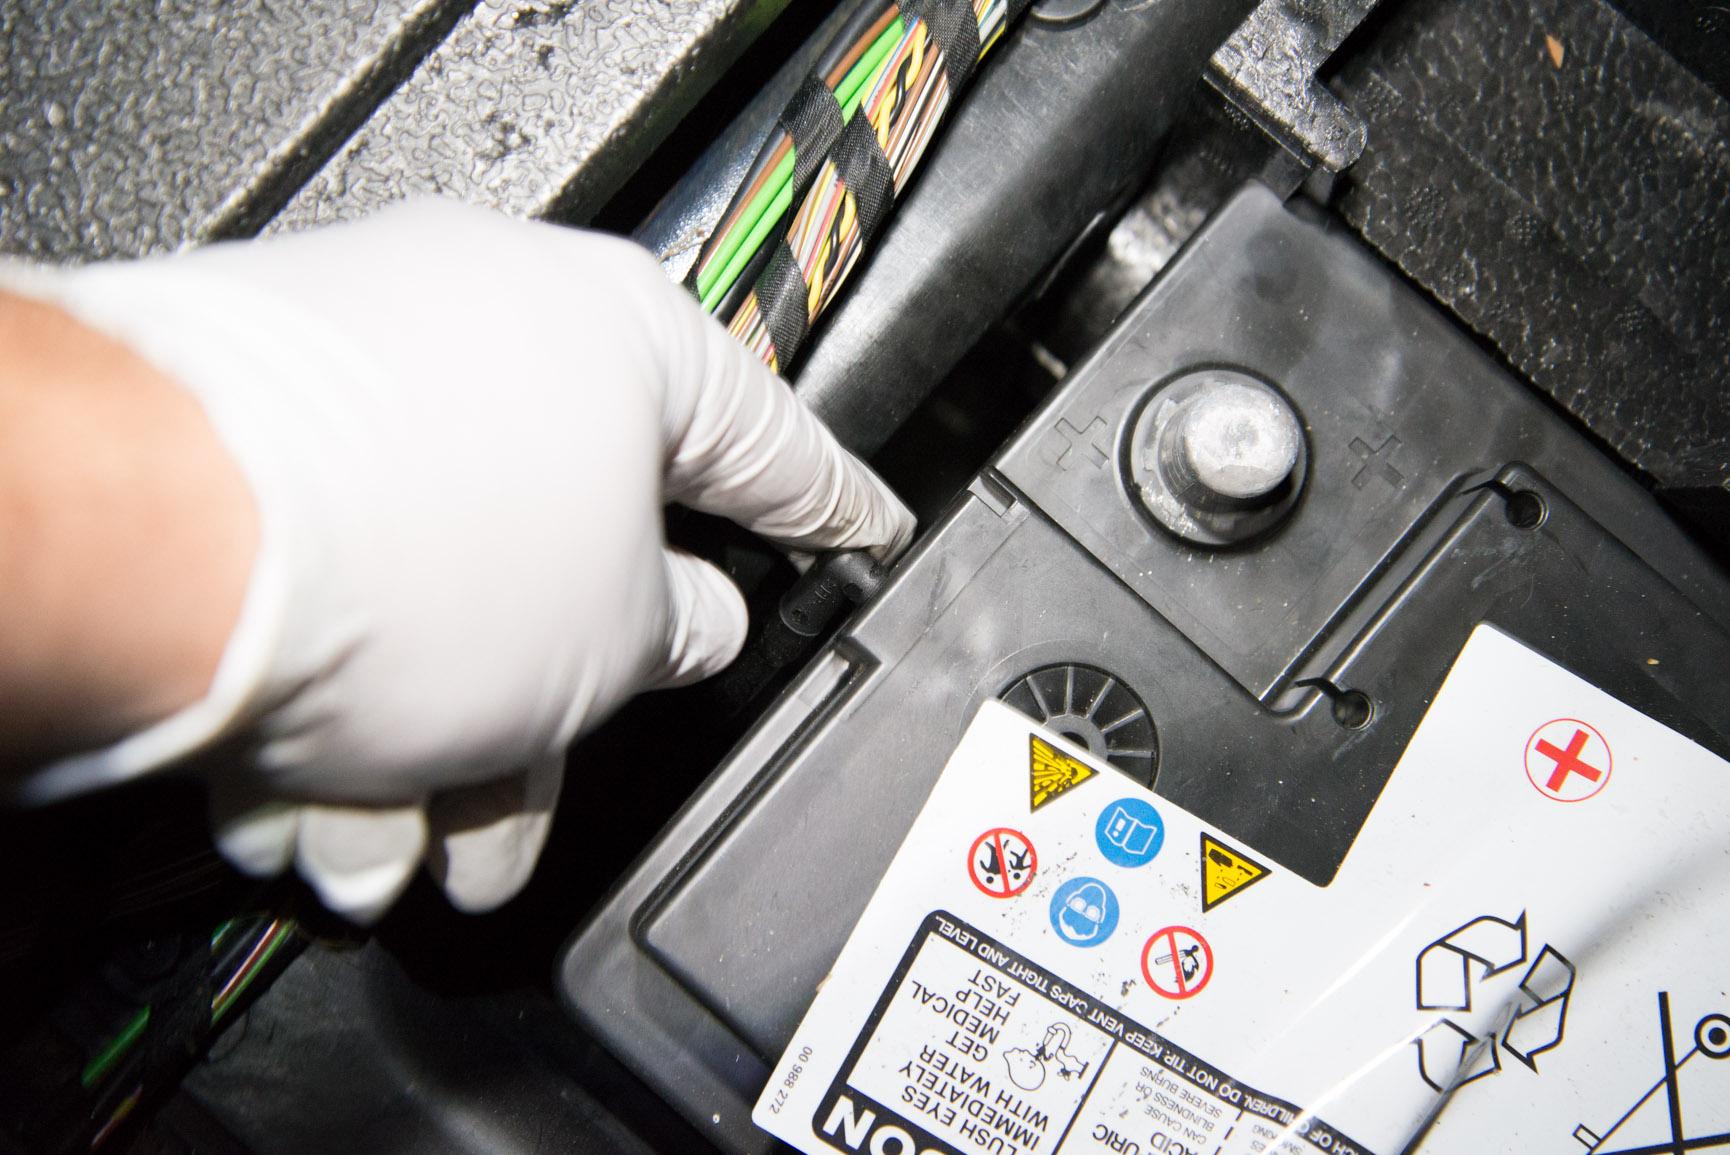 2008 E60 M5 Battery Replacement-dsc_7531.jpg